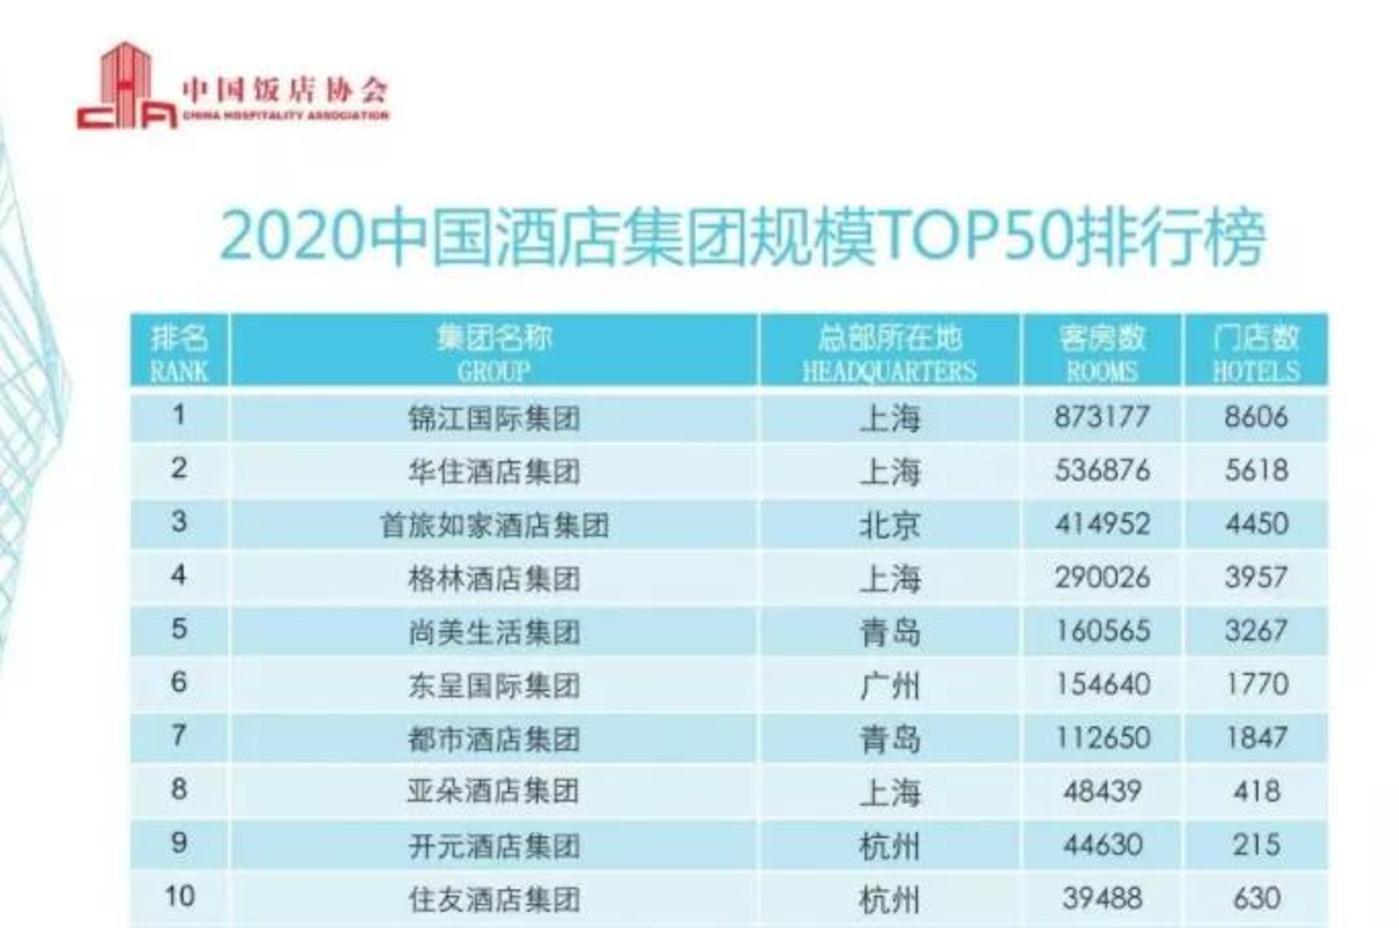 来源:中国饭店协会、盈蝶咨询